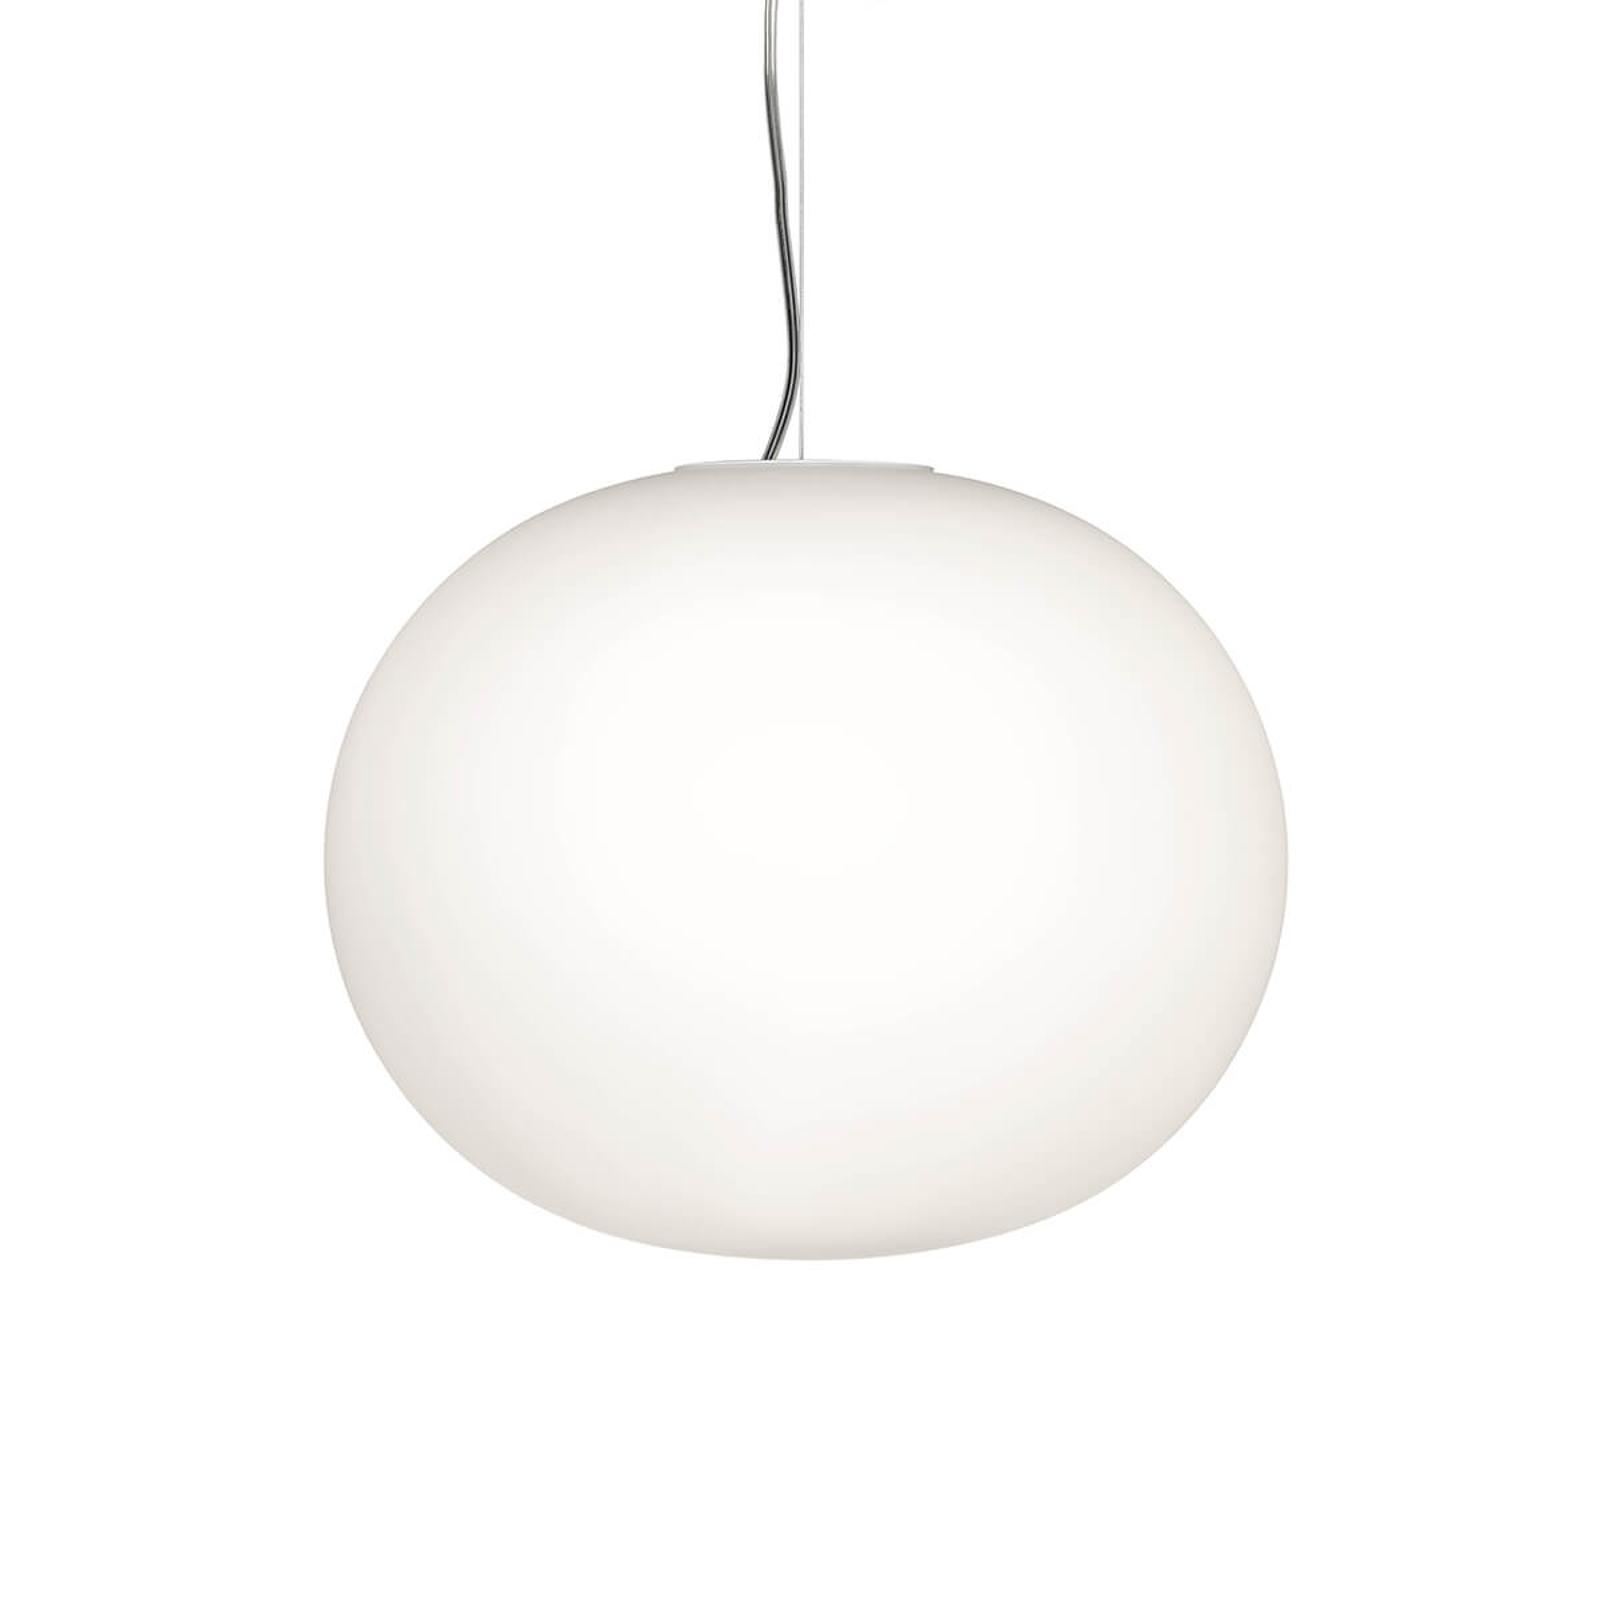 Lampada sferica a sospensione GLO-BALL 33 cm